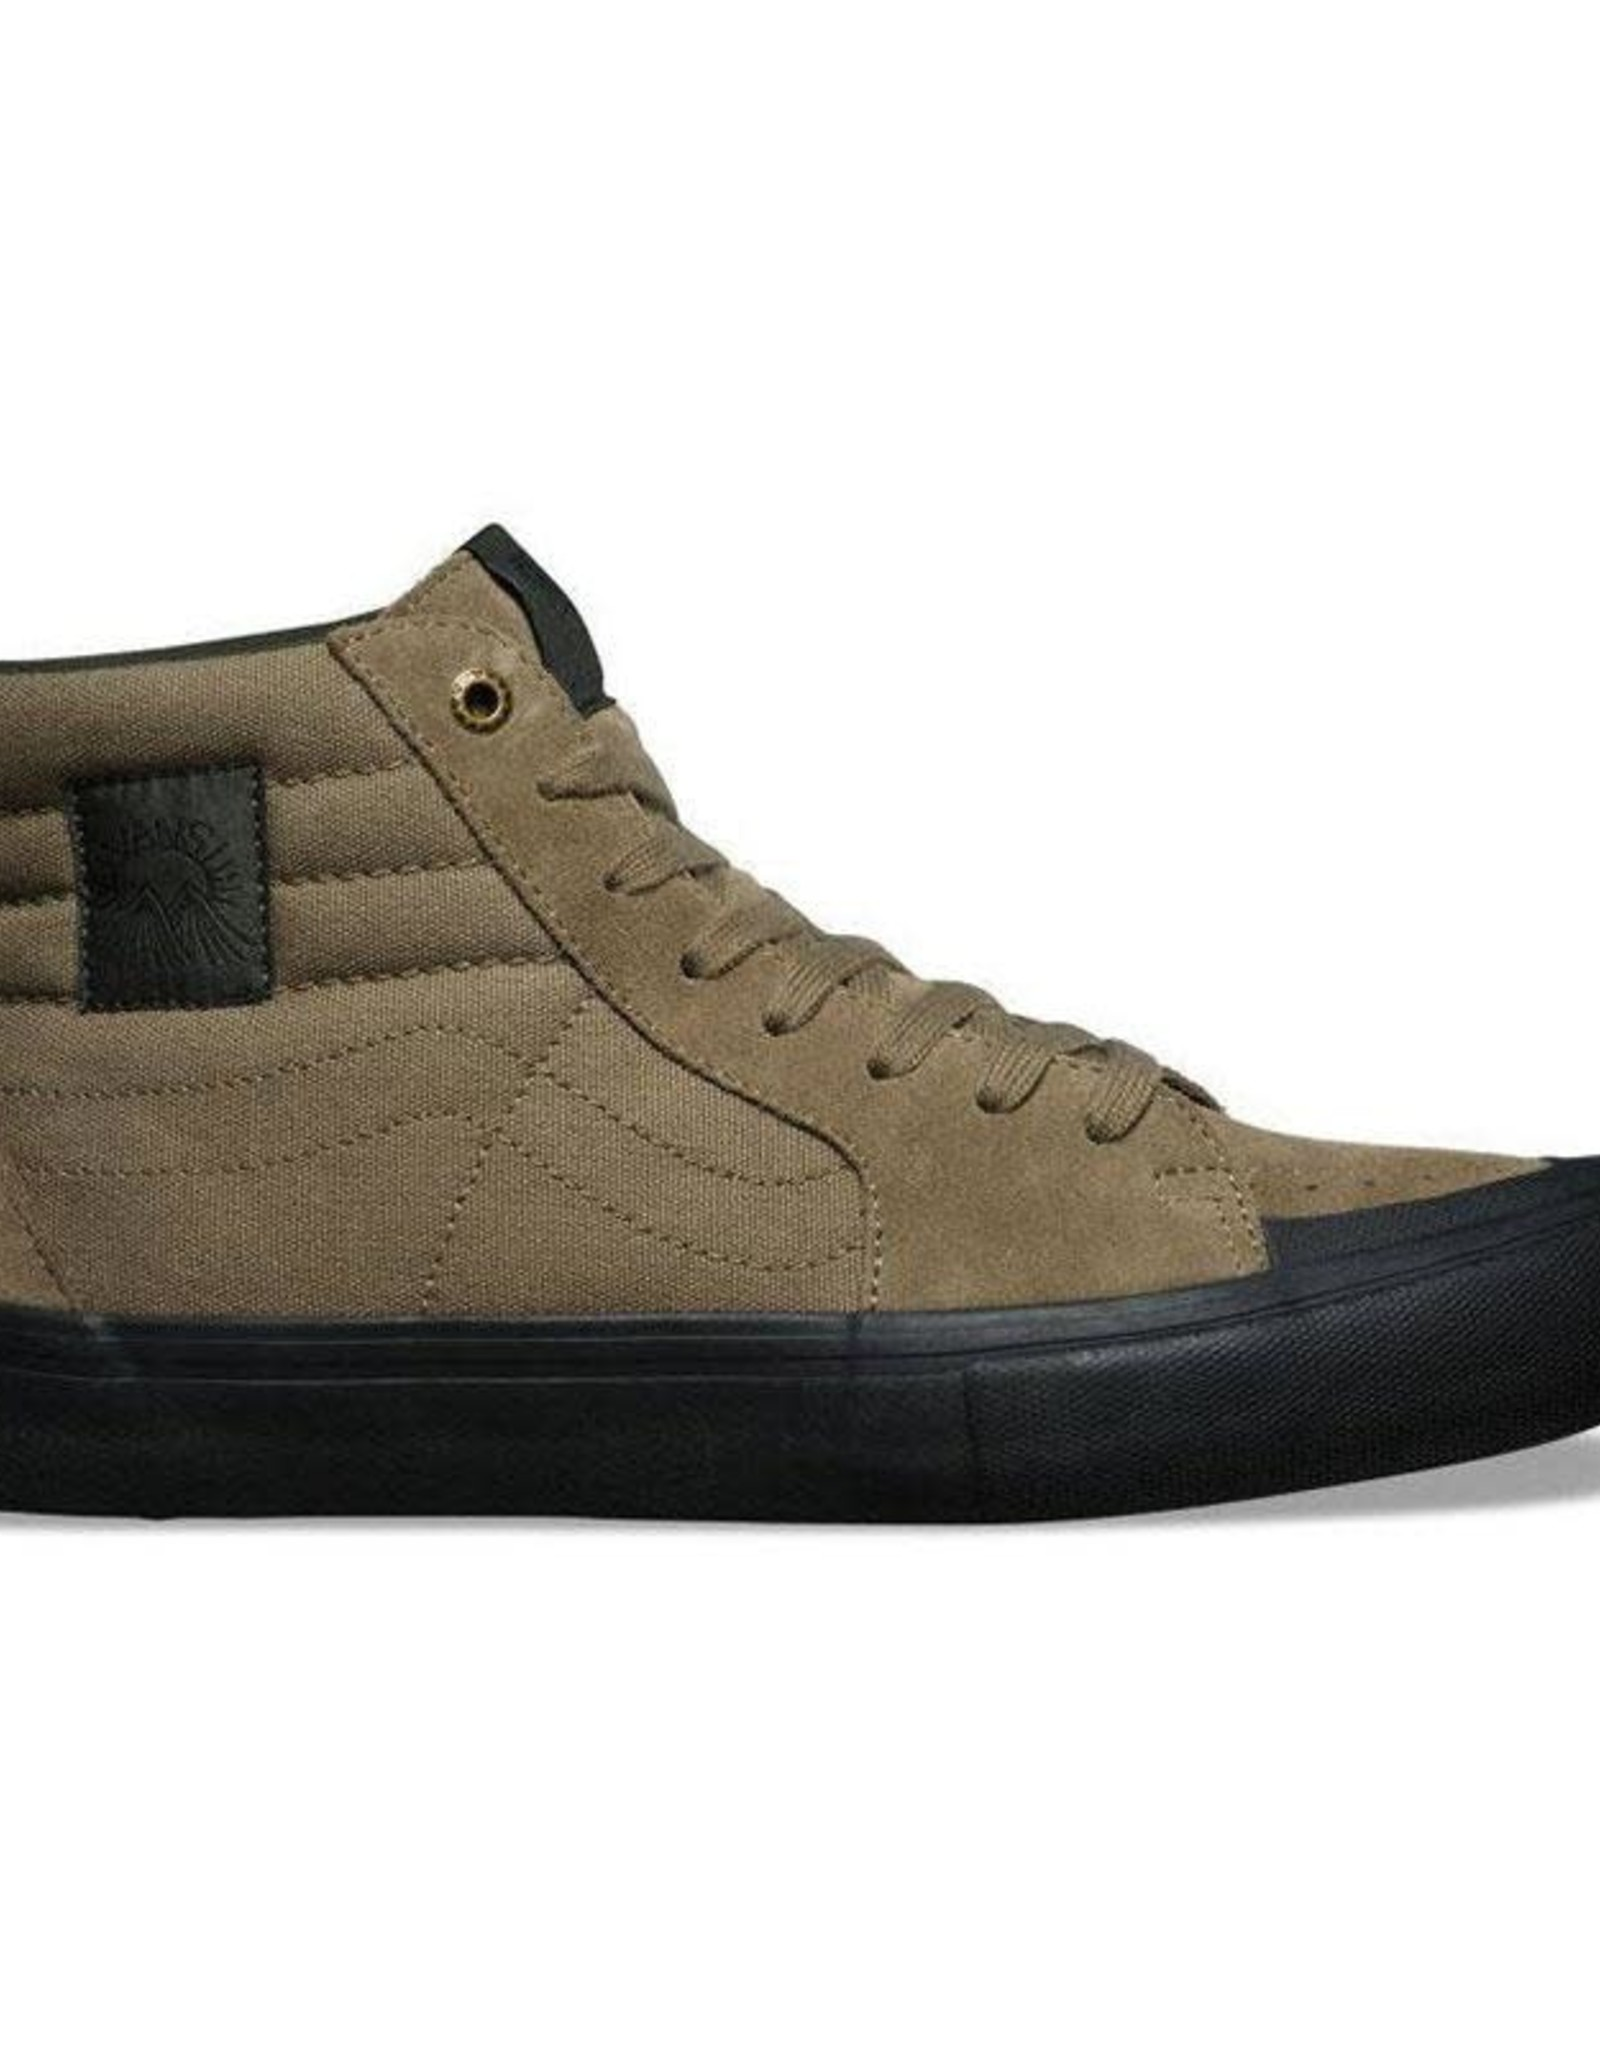 Vans Vans Sk8-Hi Pro (Dakota Roche) Covert Green